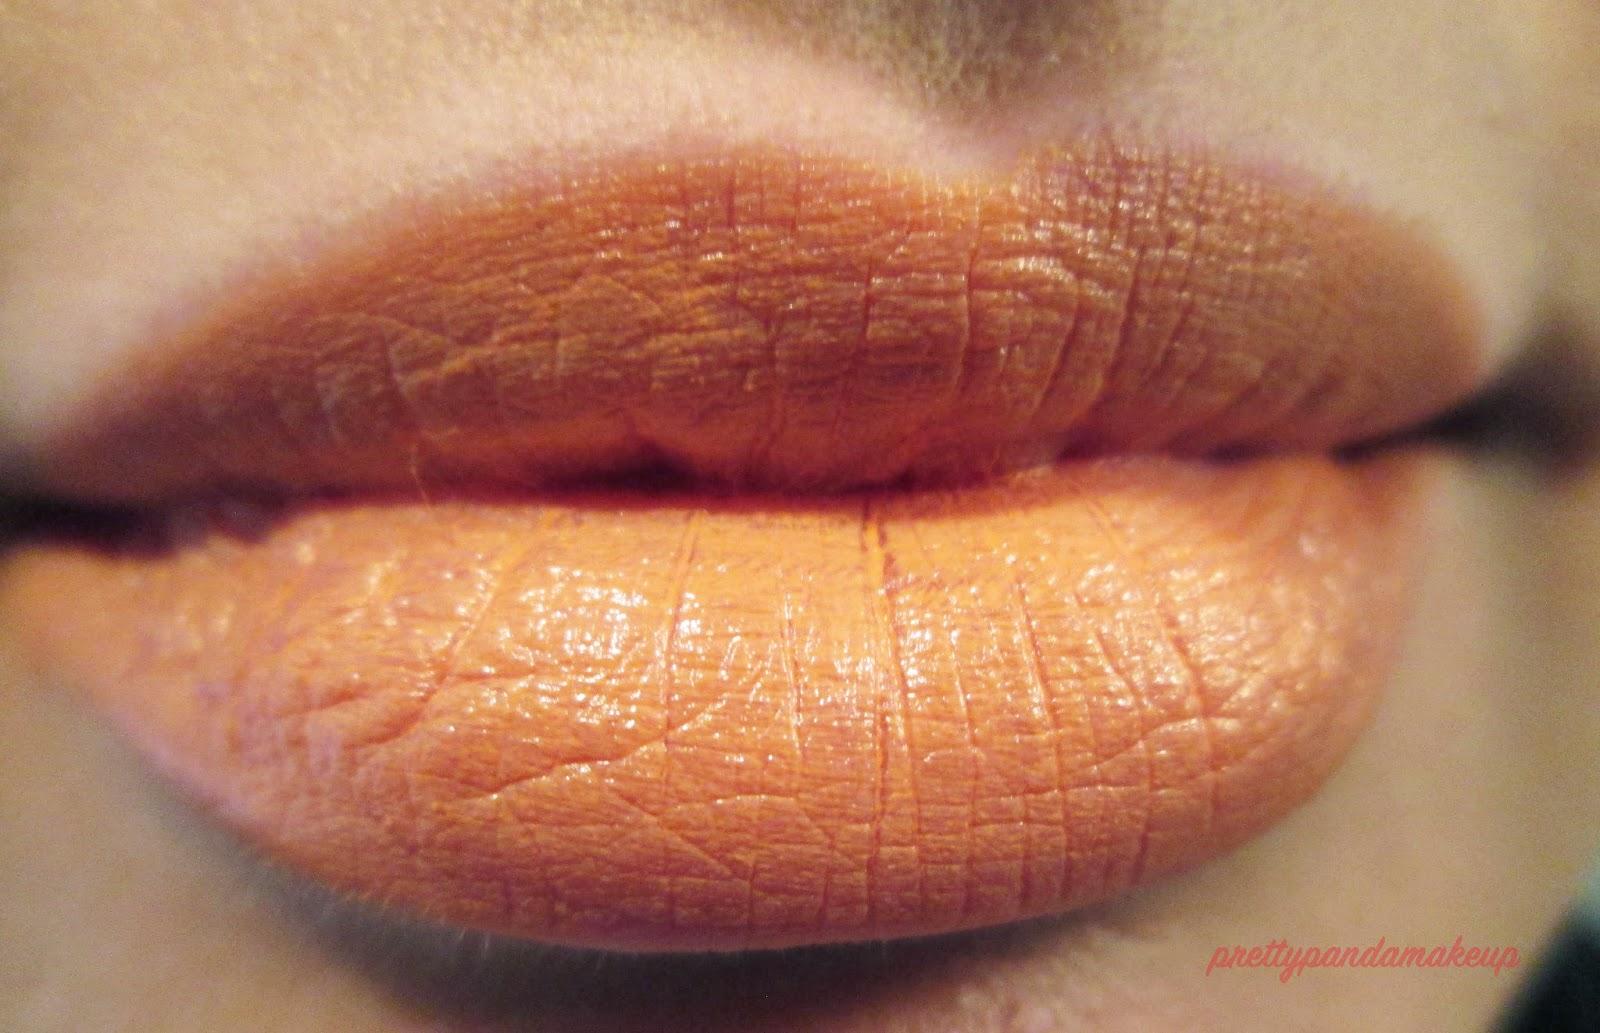 NYX macaron lipstick in orange blossom